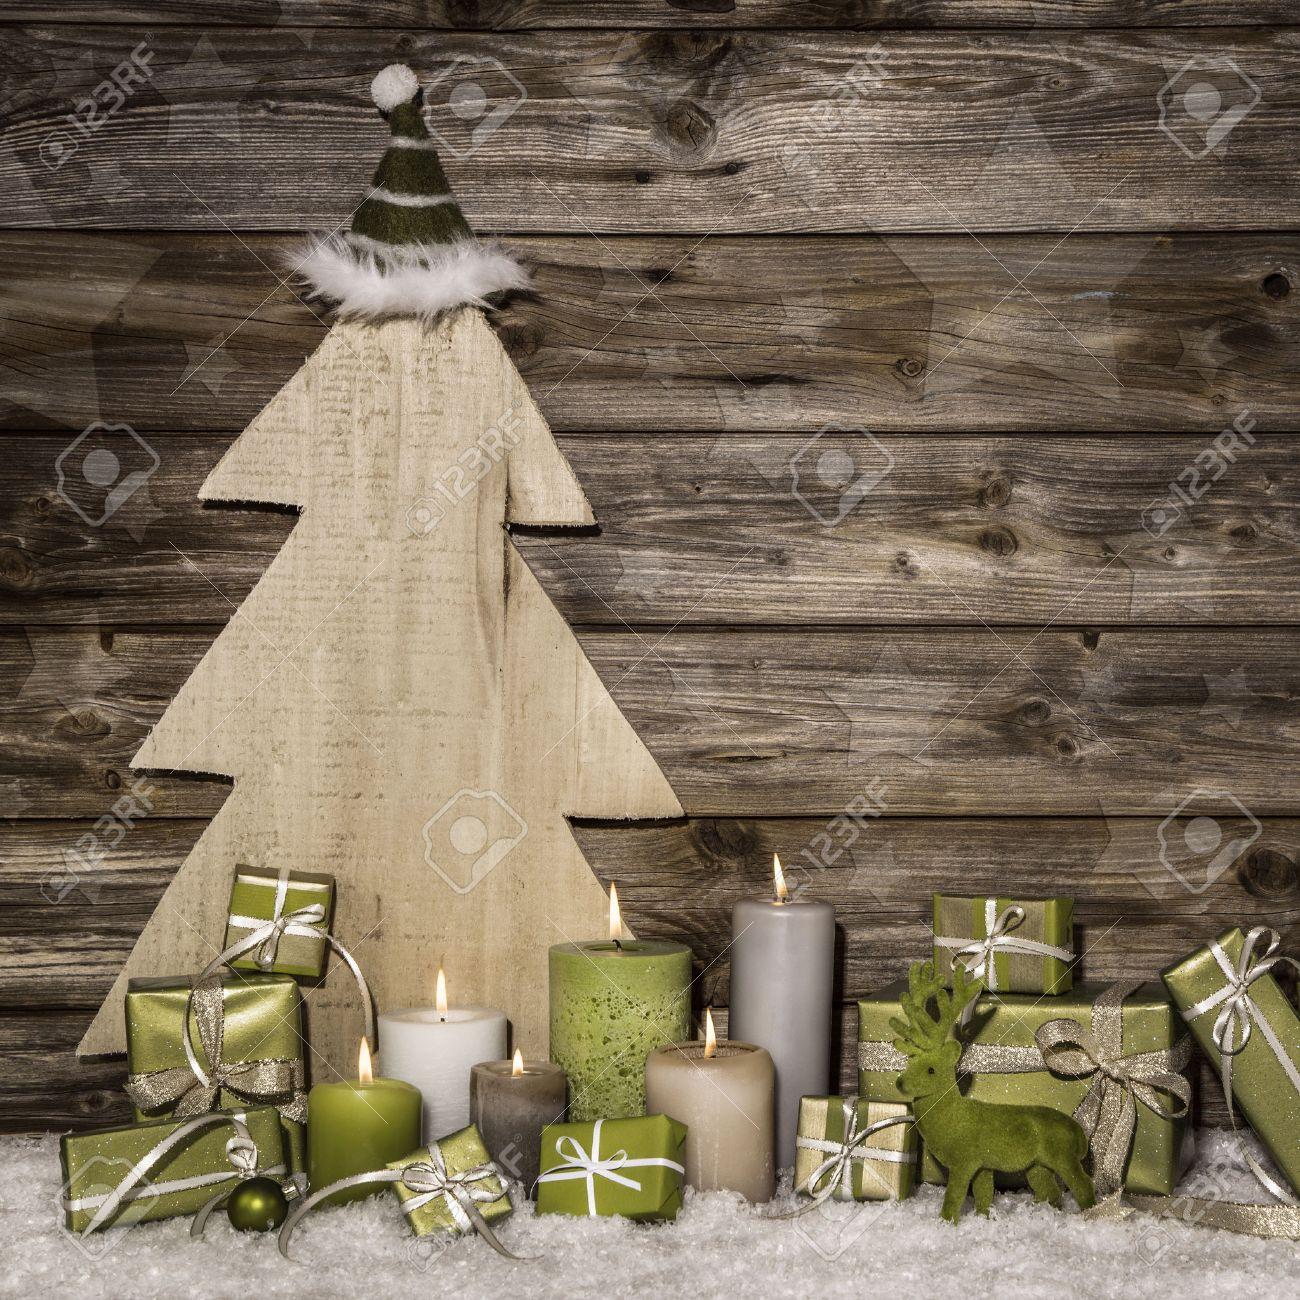 Deco Noel En Bois Naturel décoration de noël naturel en vert et brun sur fond de bois avec des  cadeaux et des bougies allumées.